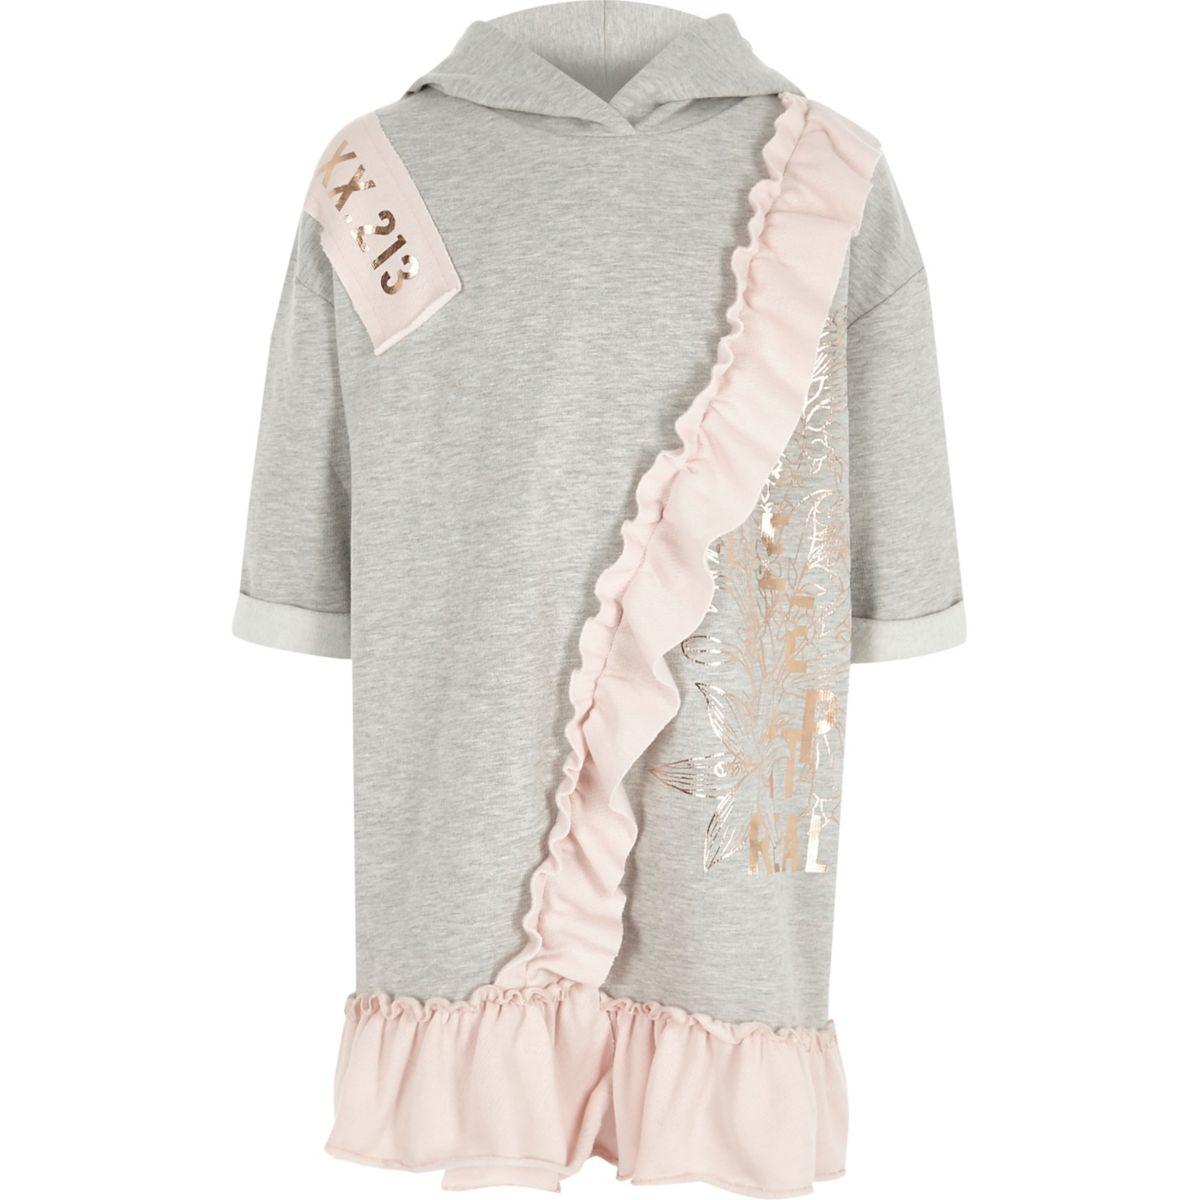 Kleid in Grau-Metallic mit Rüschen und Kapuze